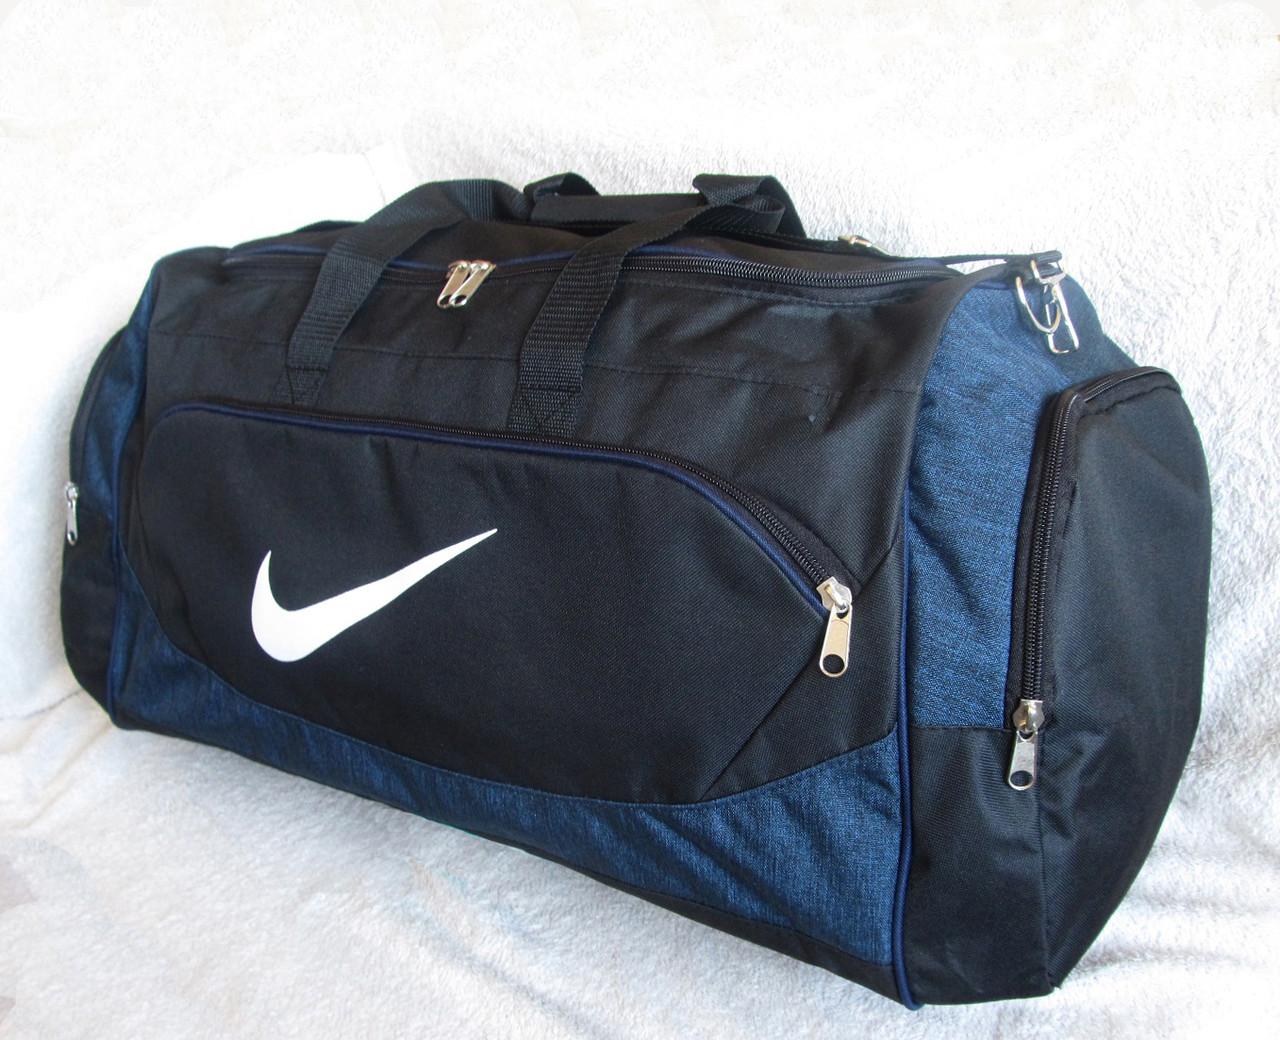 81a97f6fd150 Дорожная сумка через плечо спортивная Найк 145-2 черная с синим 60см 49л -  Интернет